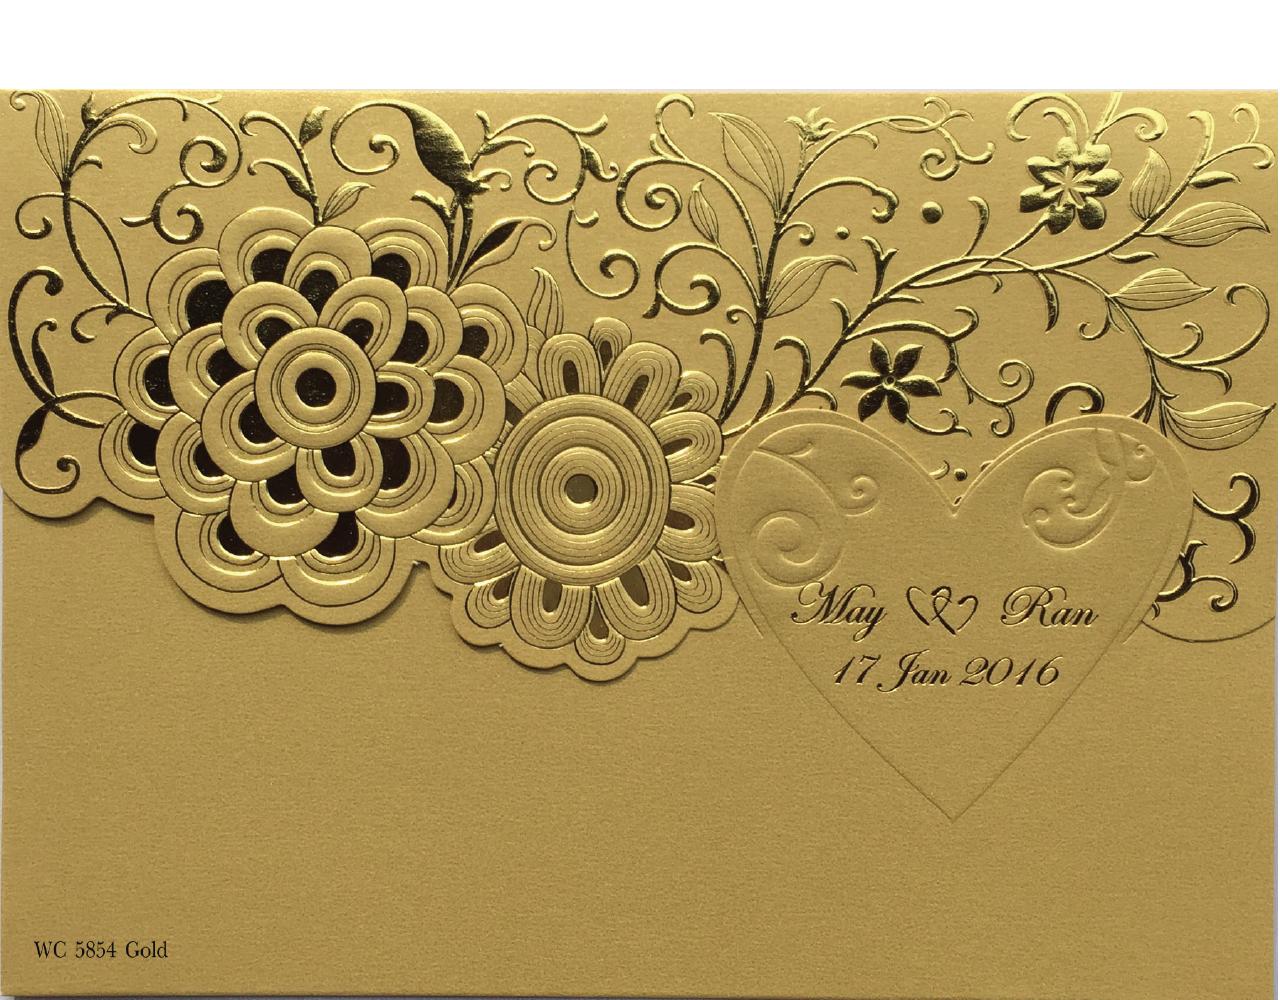 การ์ดแต่งงาน 7.4 x 5.2 inch wc 5854 Gold